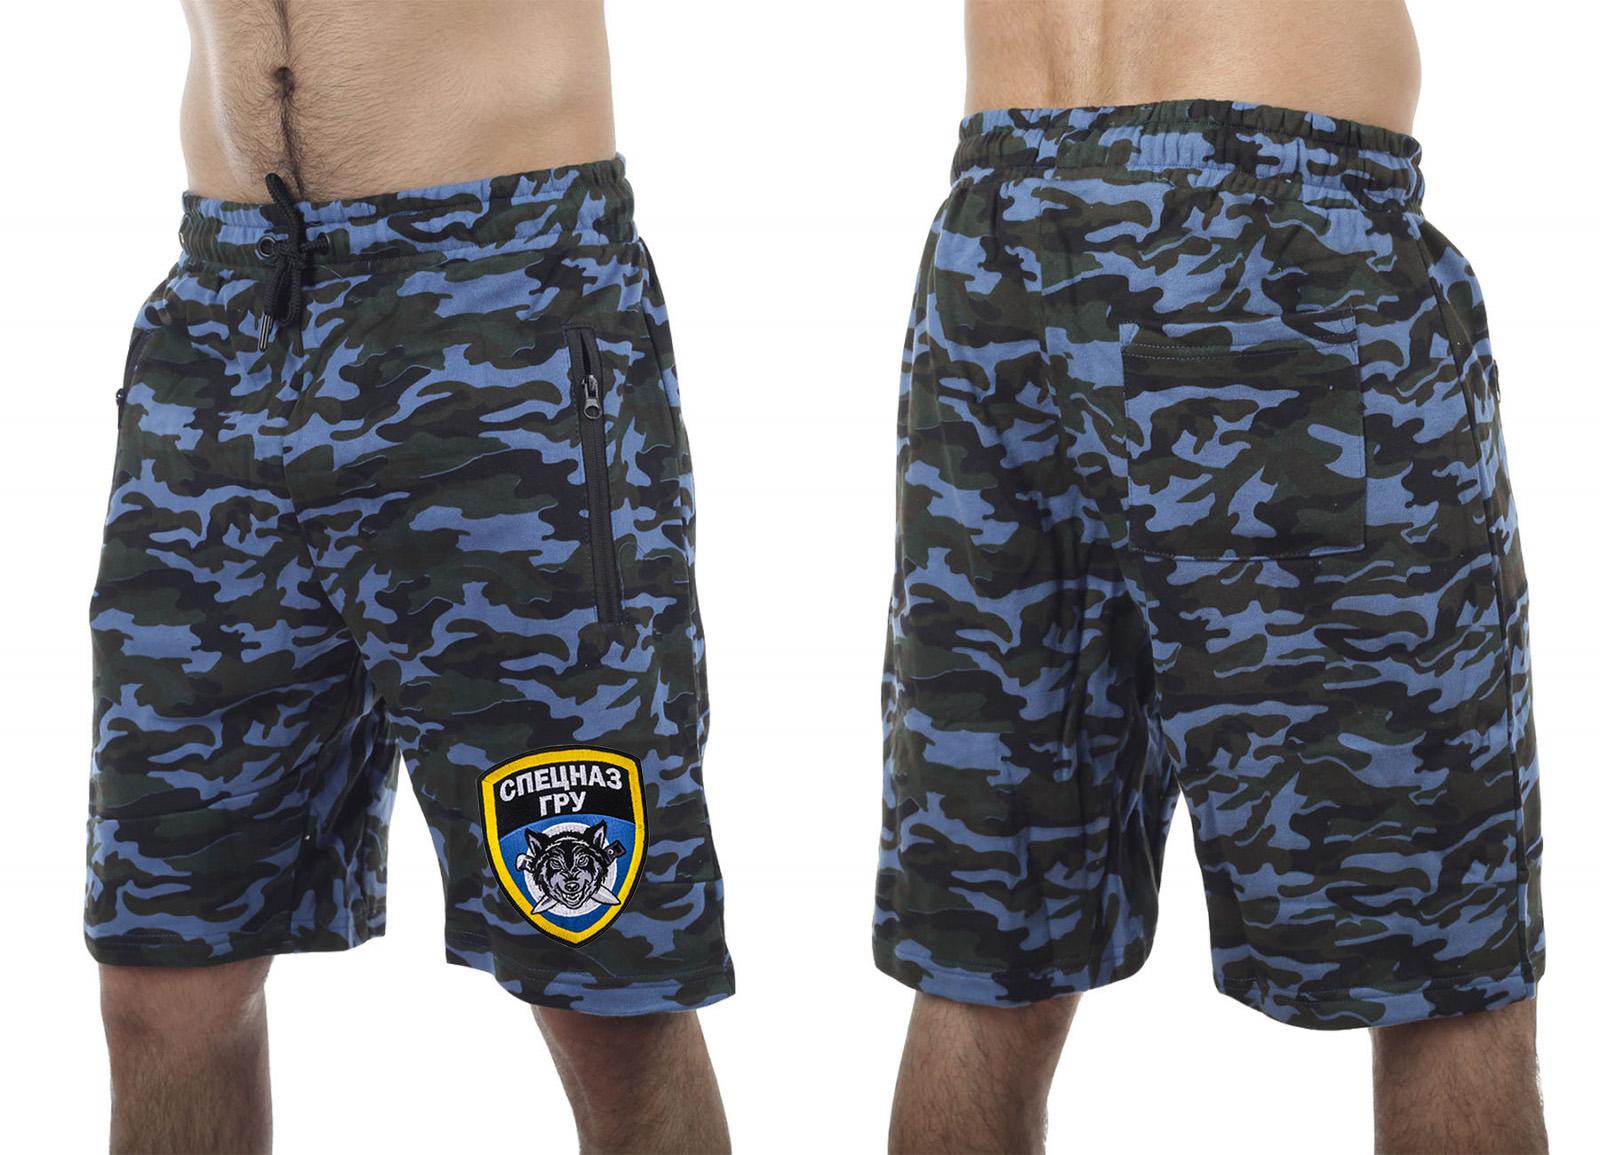 Военные мужские шорты Спецназа ГРУ